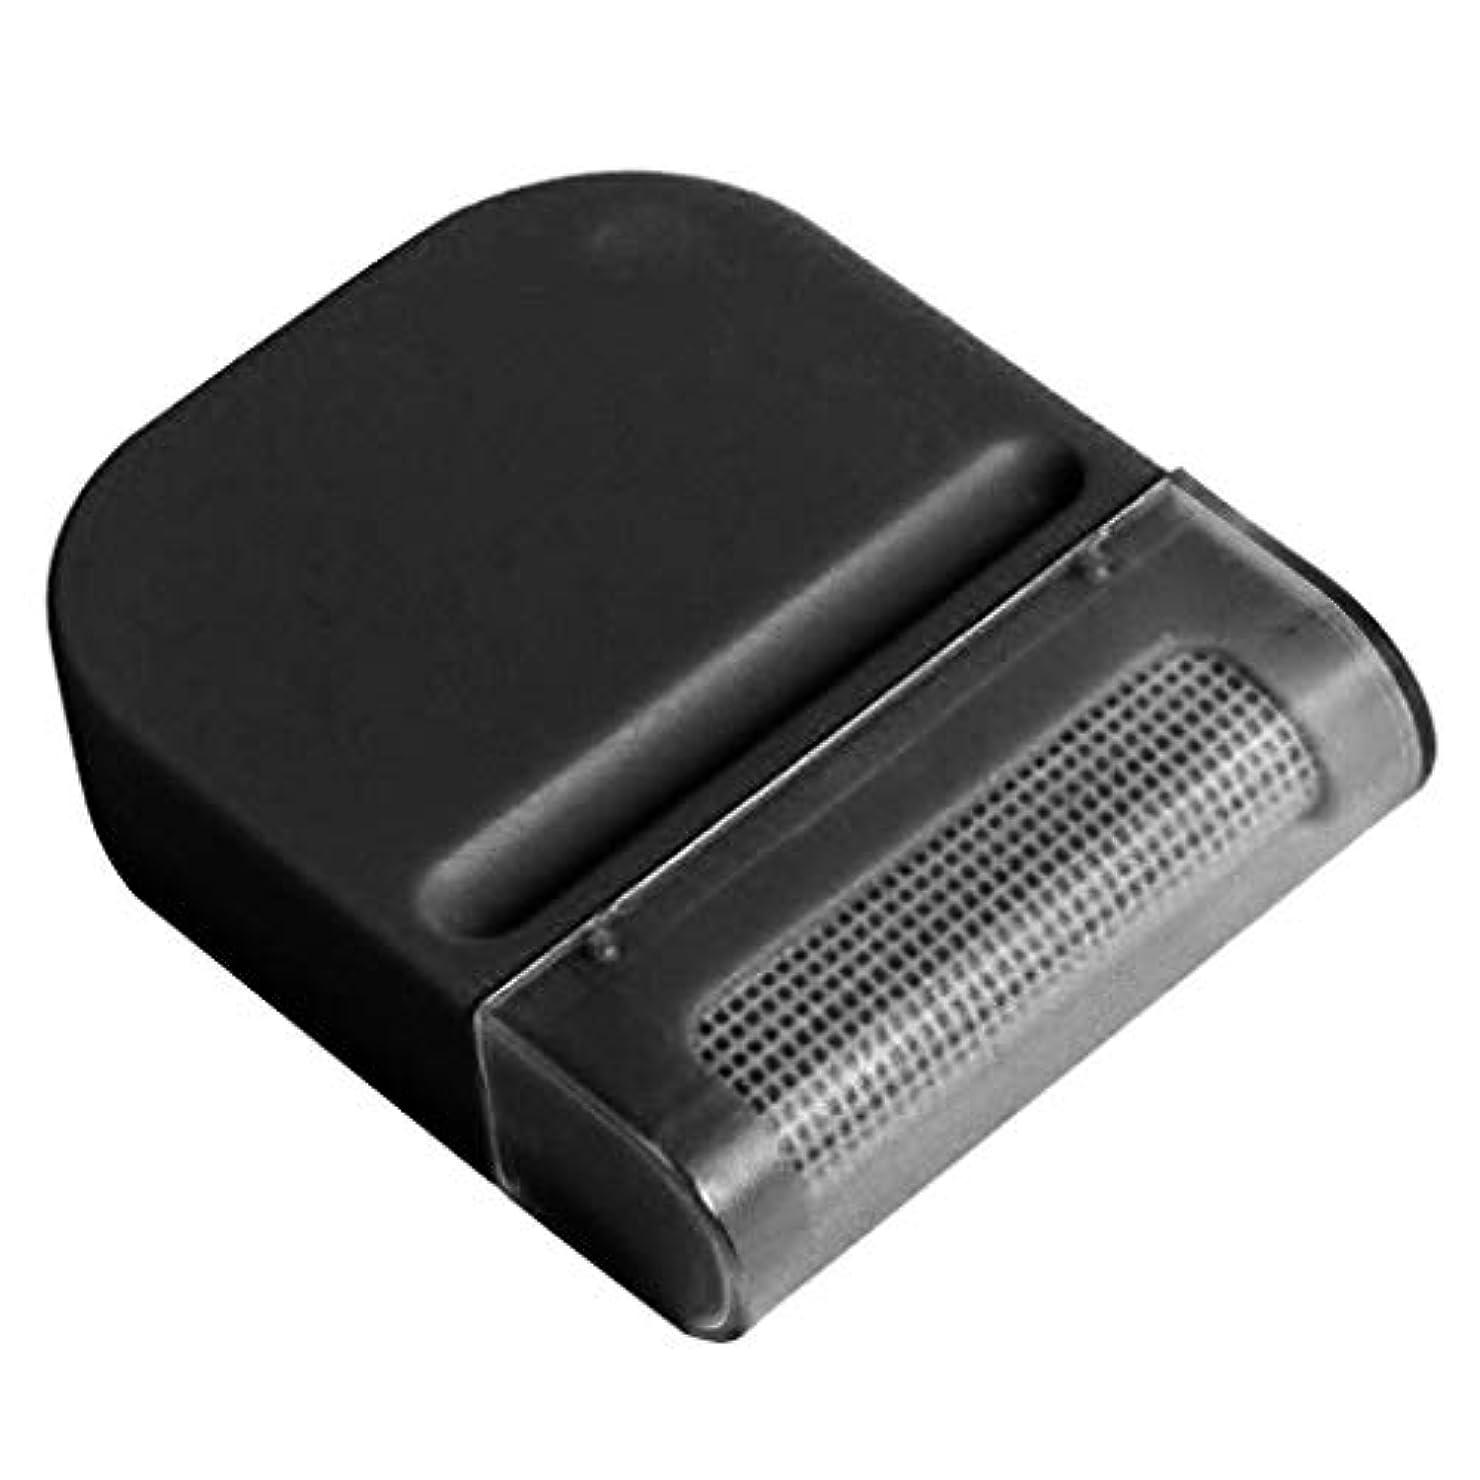 クリアランスヘアボールトリマー、ファズペレットリントリムーバーカット機脱毛器セーター服家庭用品クリーナー (ブラック, Small)